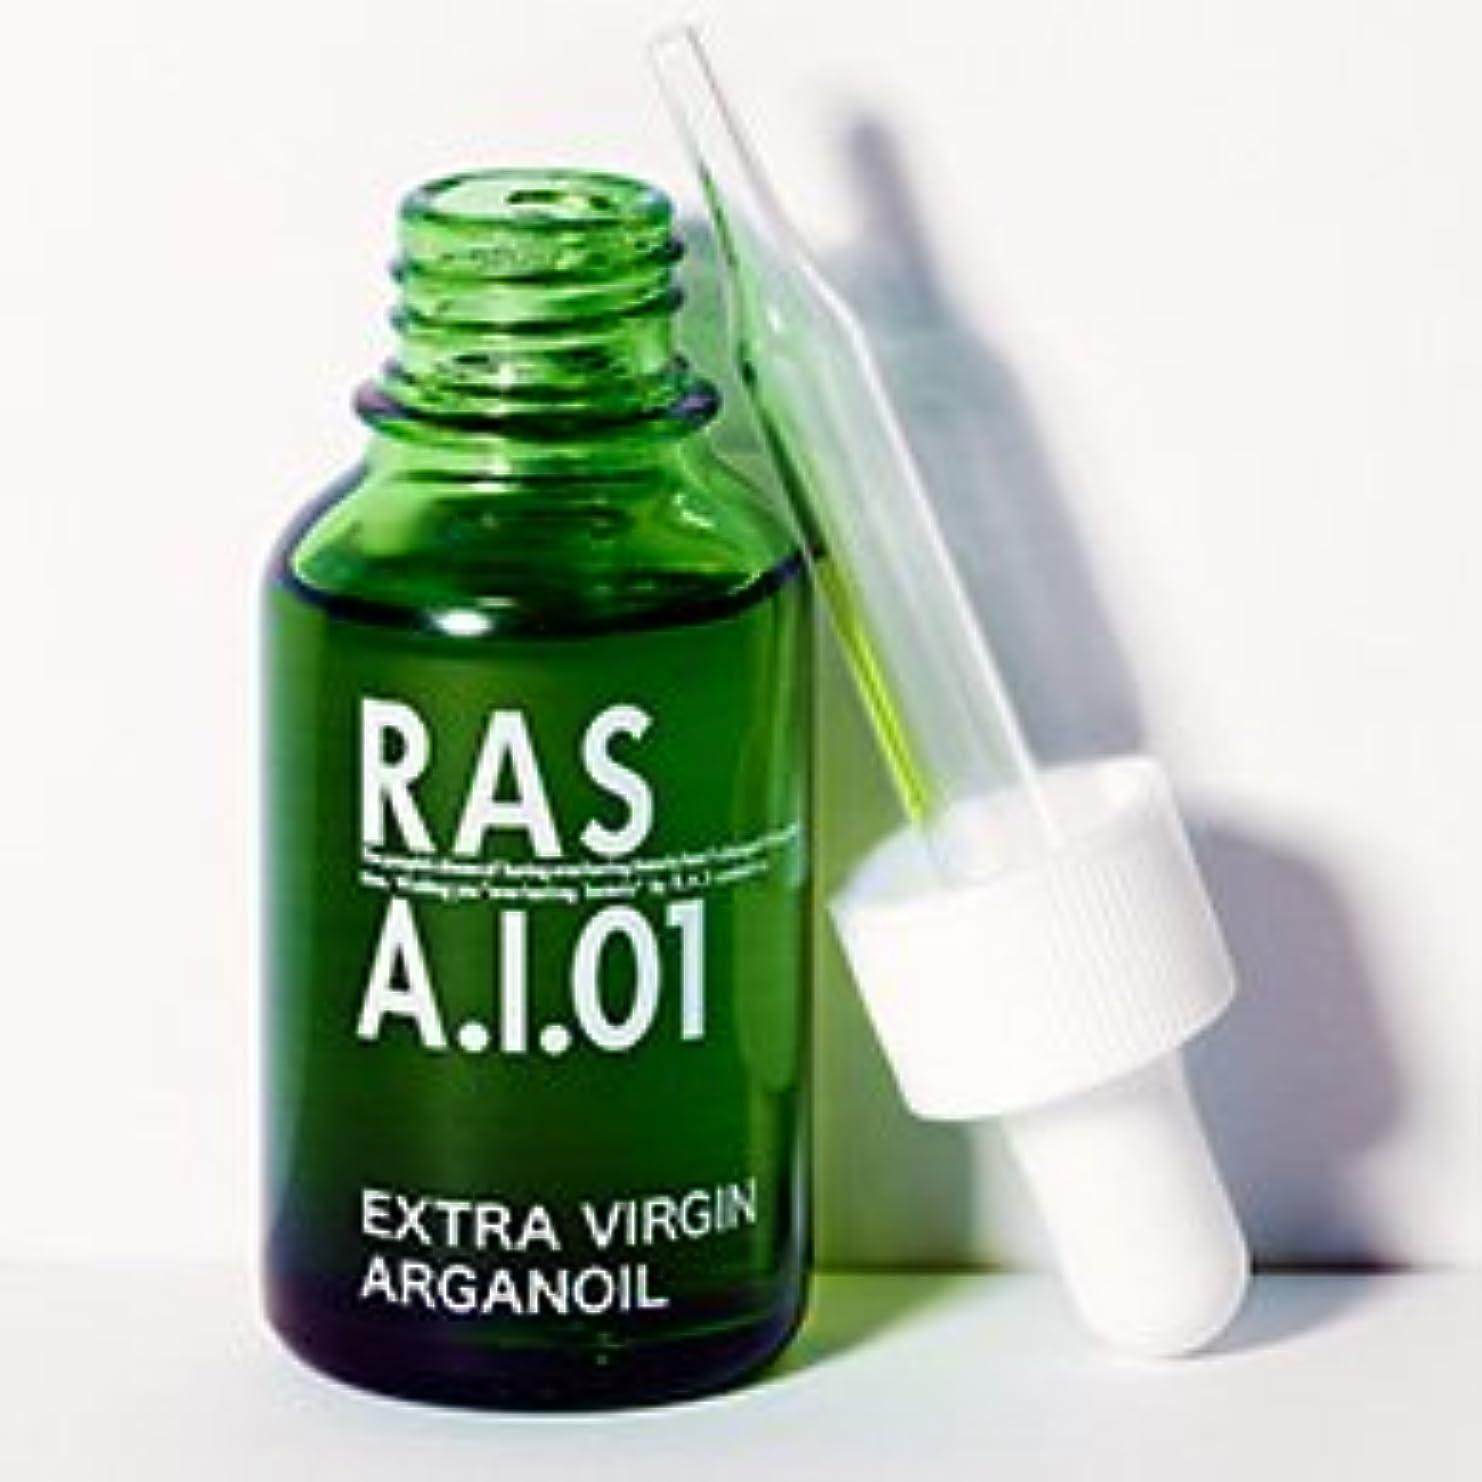 分注する割り込み待ってRAS A.I.01 アルガンオイル 30ml 超高圧熟成